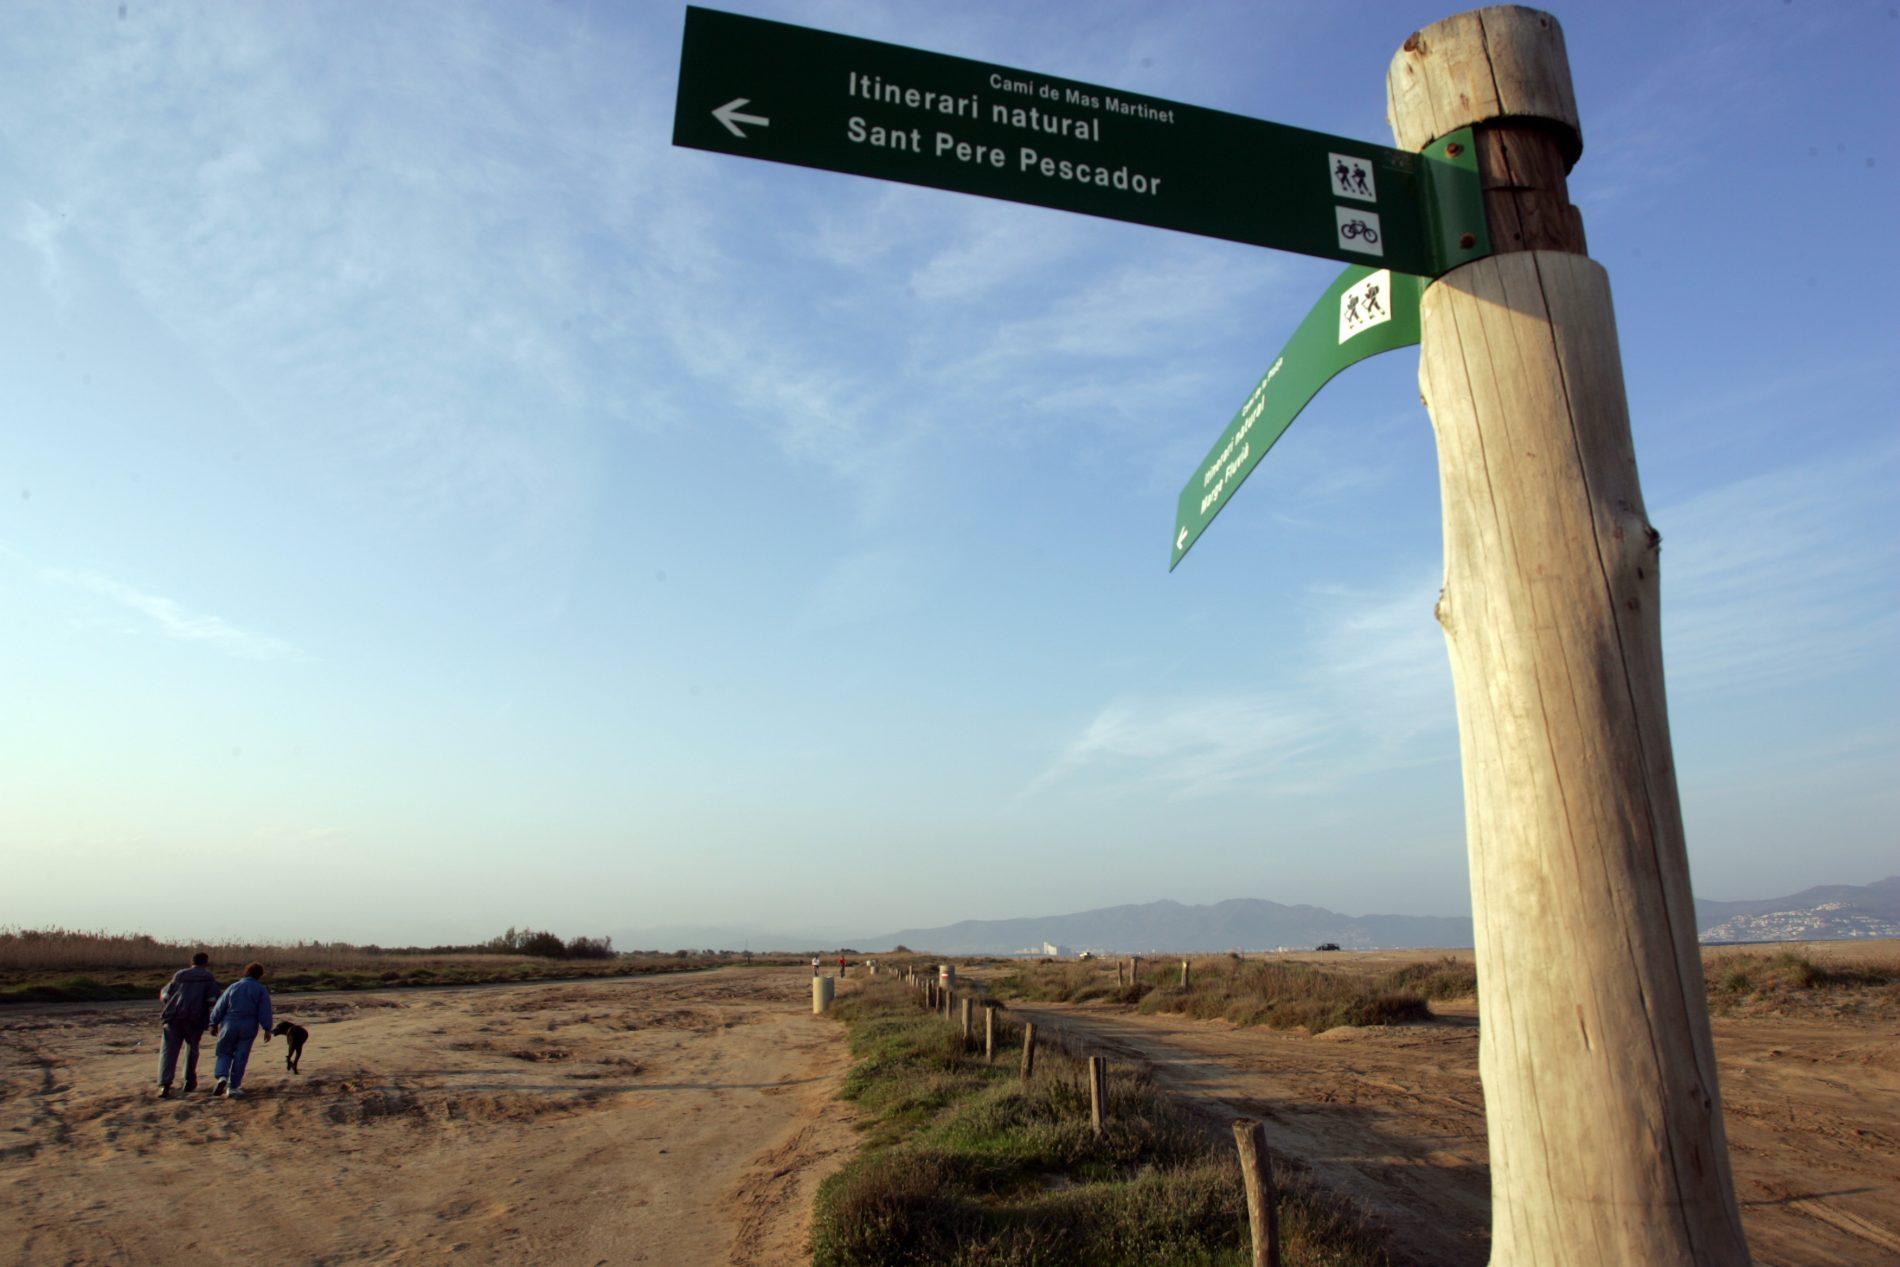 Senyal itinerari ciclable Sant Pere Pescador